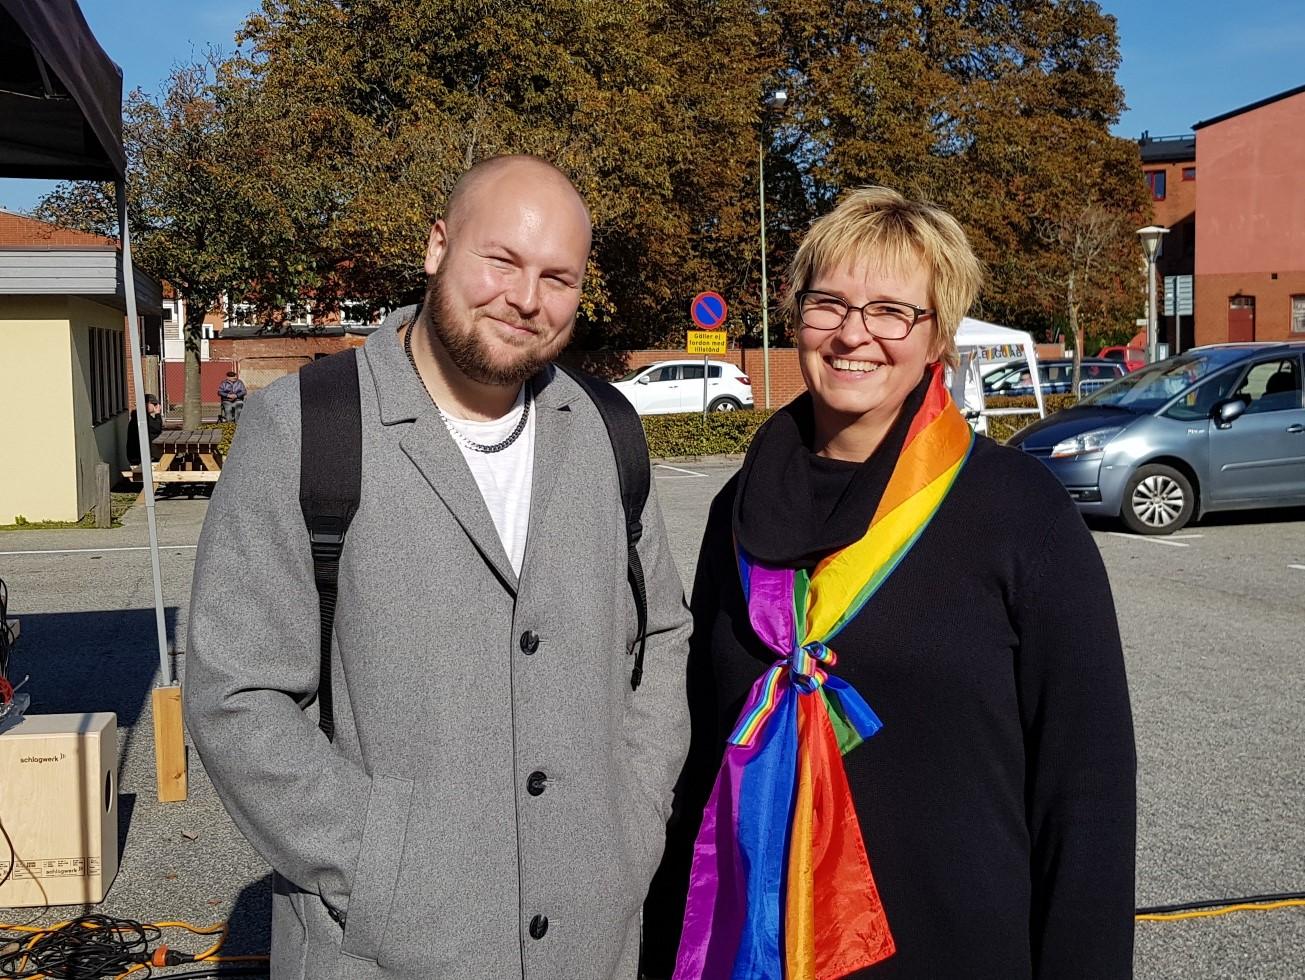 Konferenciern Christin Stigborg som en gång i tiden var rektor på Mattias skola [Mackleanskolan] tyckte att det var jättekul att träffa honom.